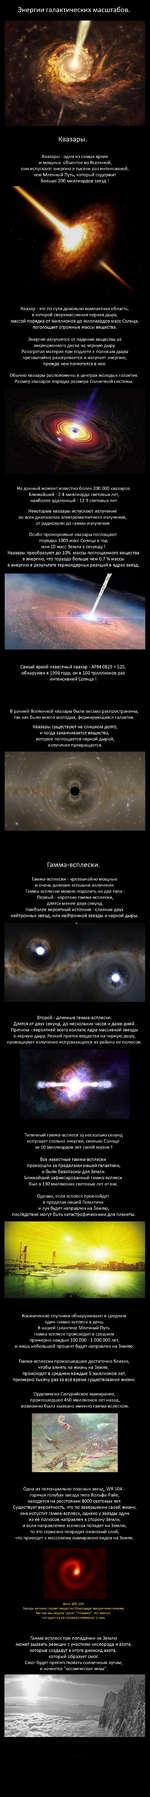 Энергии галактических масштабов / Квазары. Квазары - одни из самых ярких и мощных объектов во Всеянной, они испускают энергию в тысячи раз интенсивней, чем Млечный Путь, который содержит больше 200 миллиардов звезд ! Квазар - это по сути довольно компактная область, в которой сверхмассивная чер